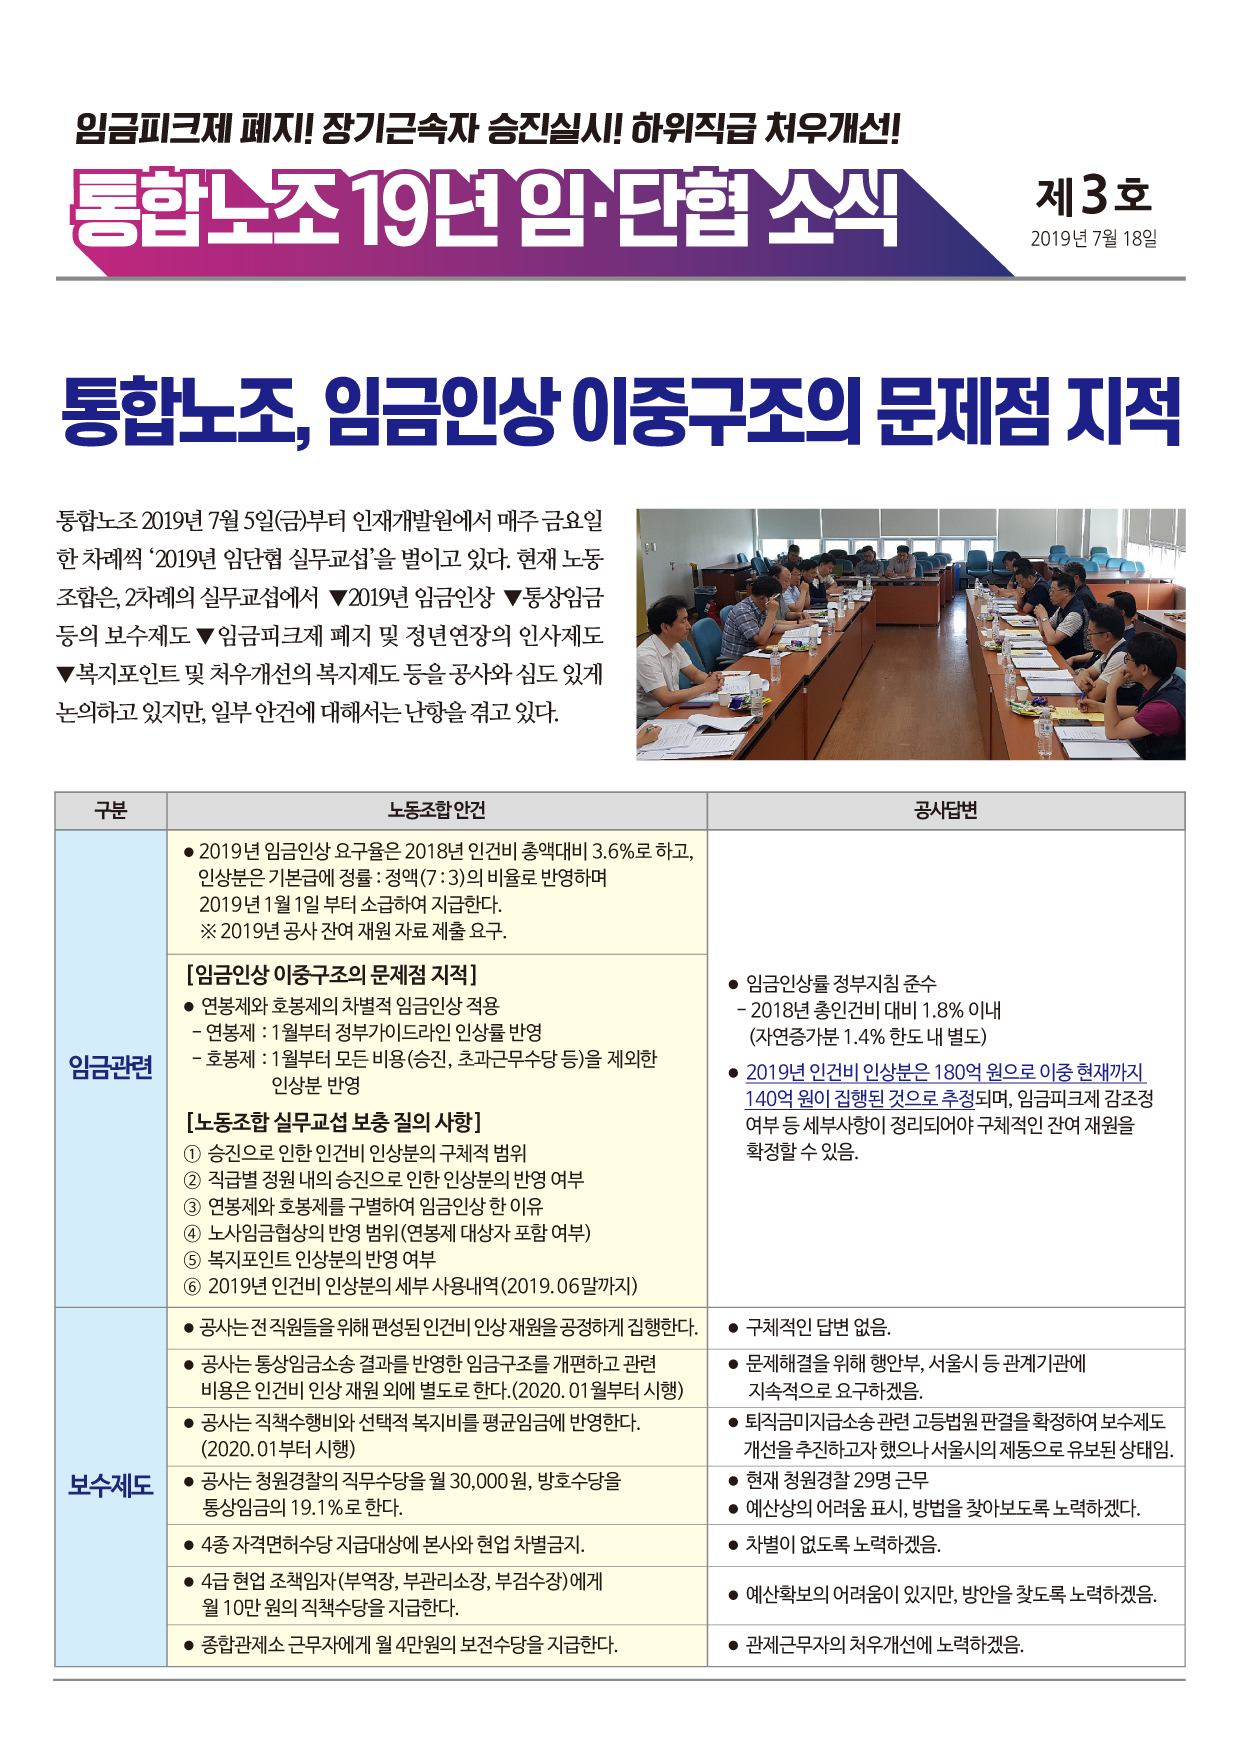 통합노조19년임단협소식_제3호_A3OK-1.jpg